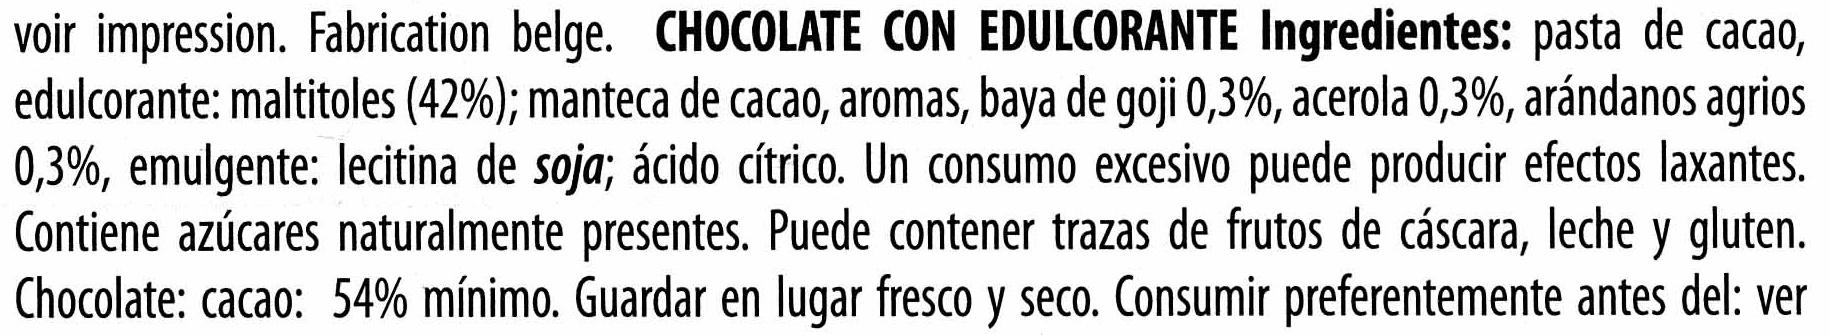 Chocolate negro con edulcorantes con frutas 54% cacao - Ingrédients